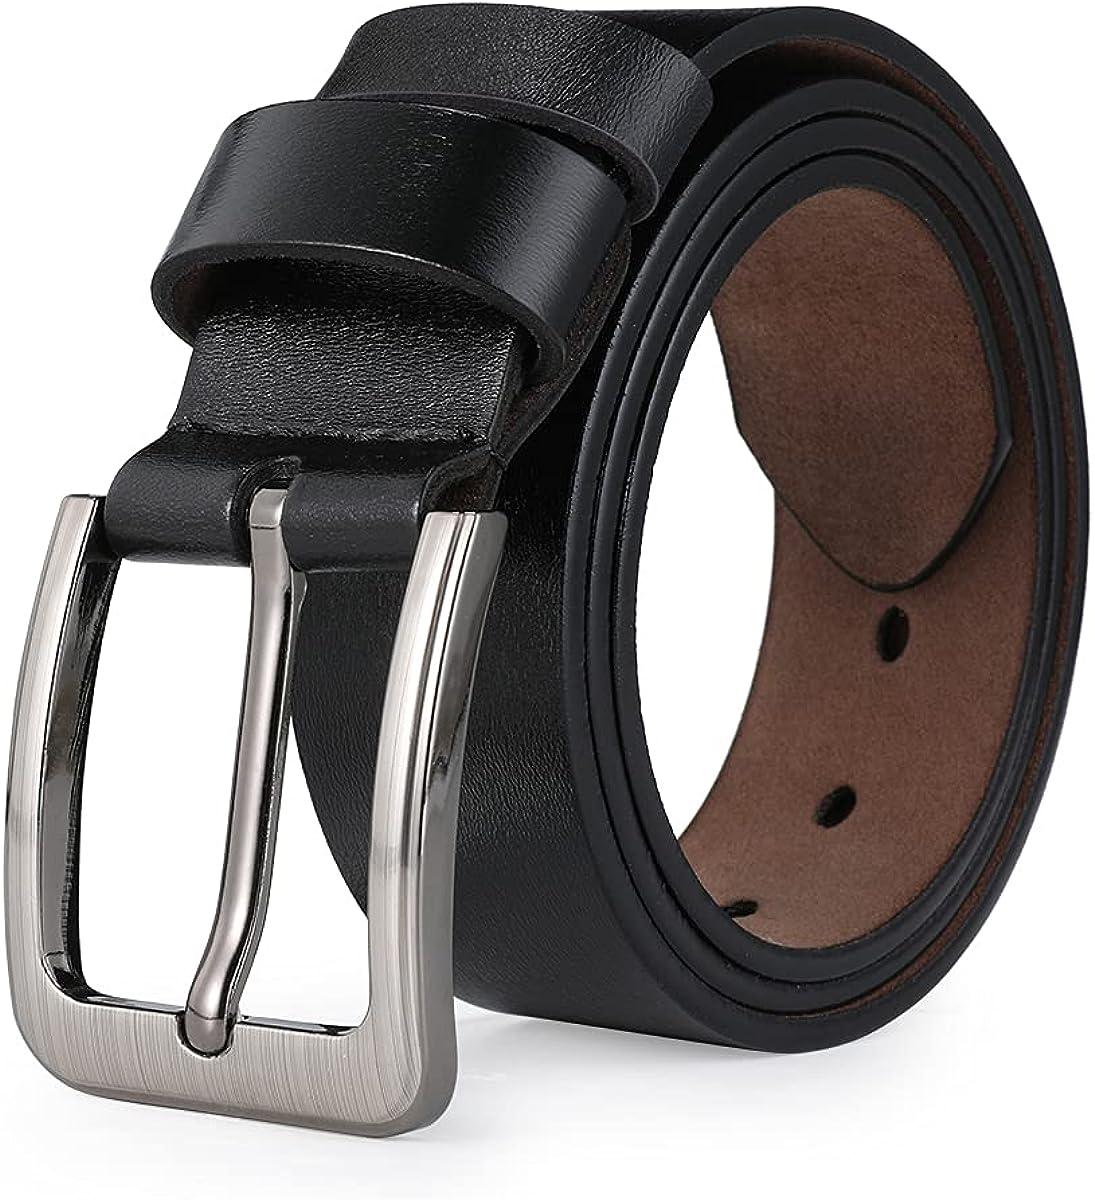 VRLEGEND Cinturones Casual Hombre Cinturón Vintage Cuero Genuino,Traje Para Jeans & Ropa Casual & Ropa de Trabajo & Ropa Formal